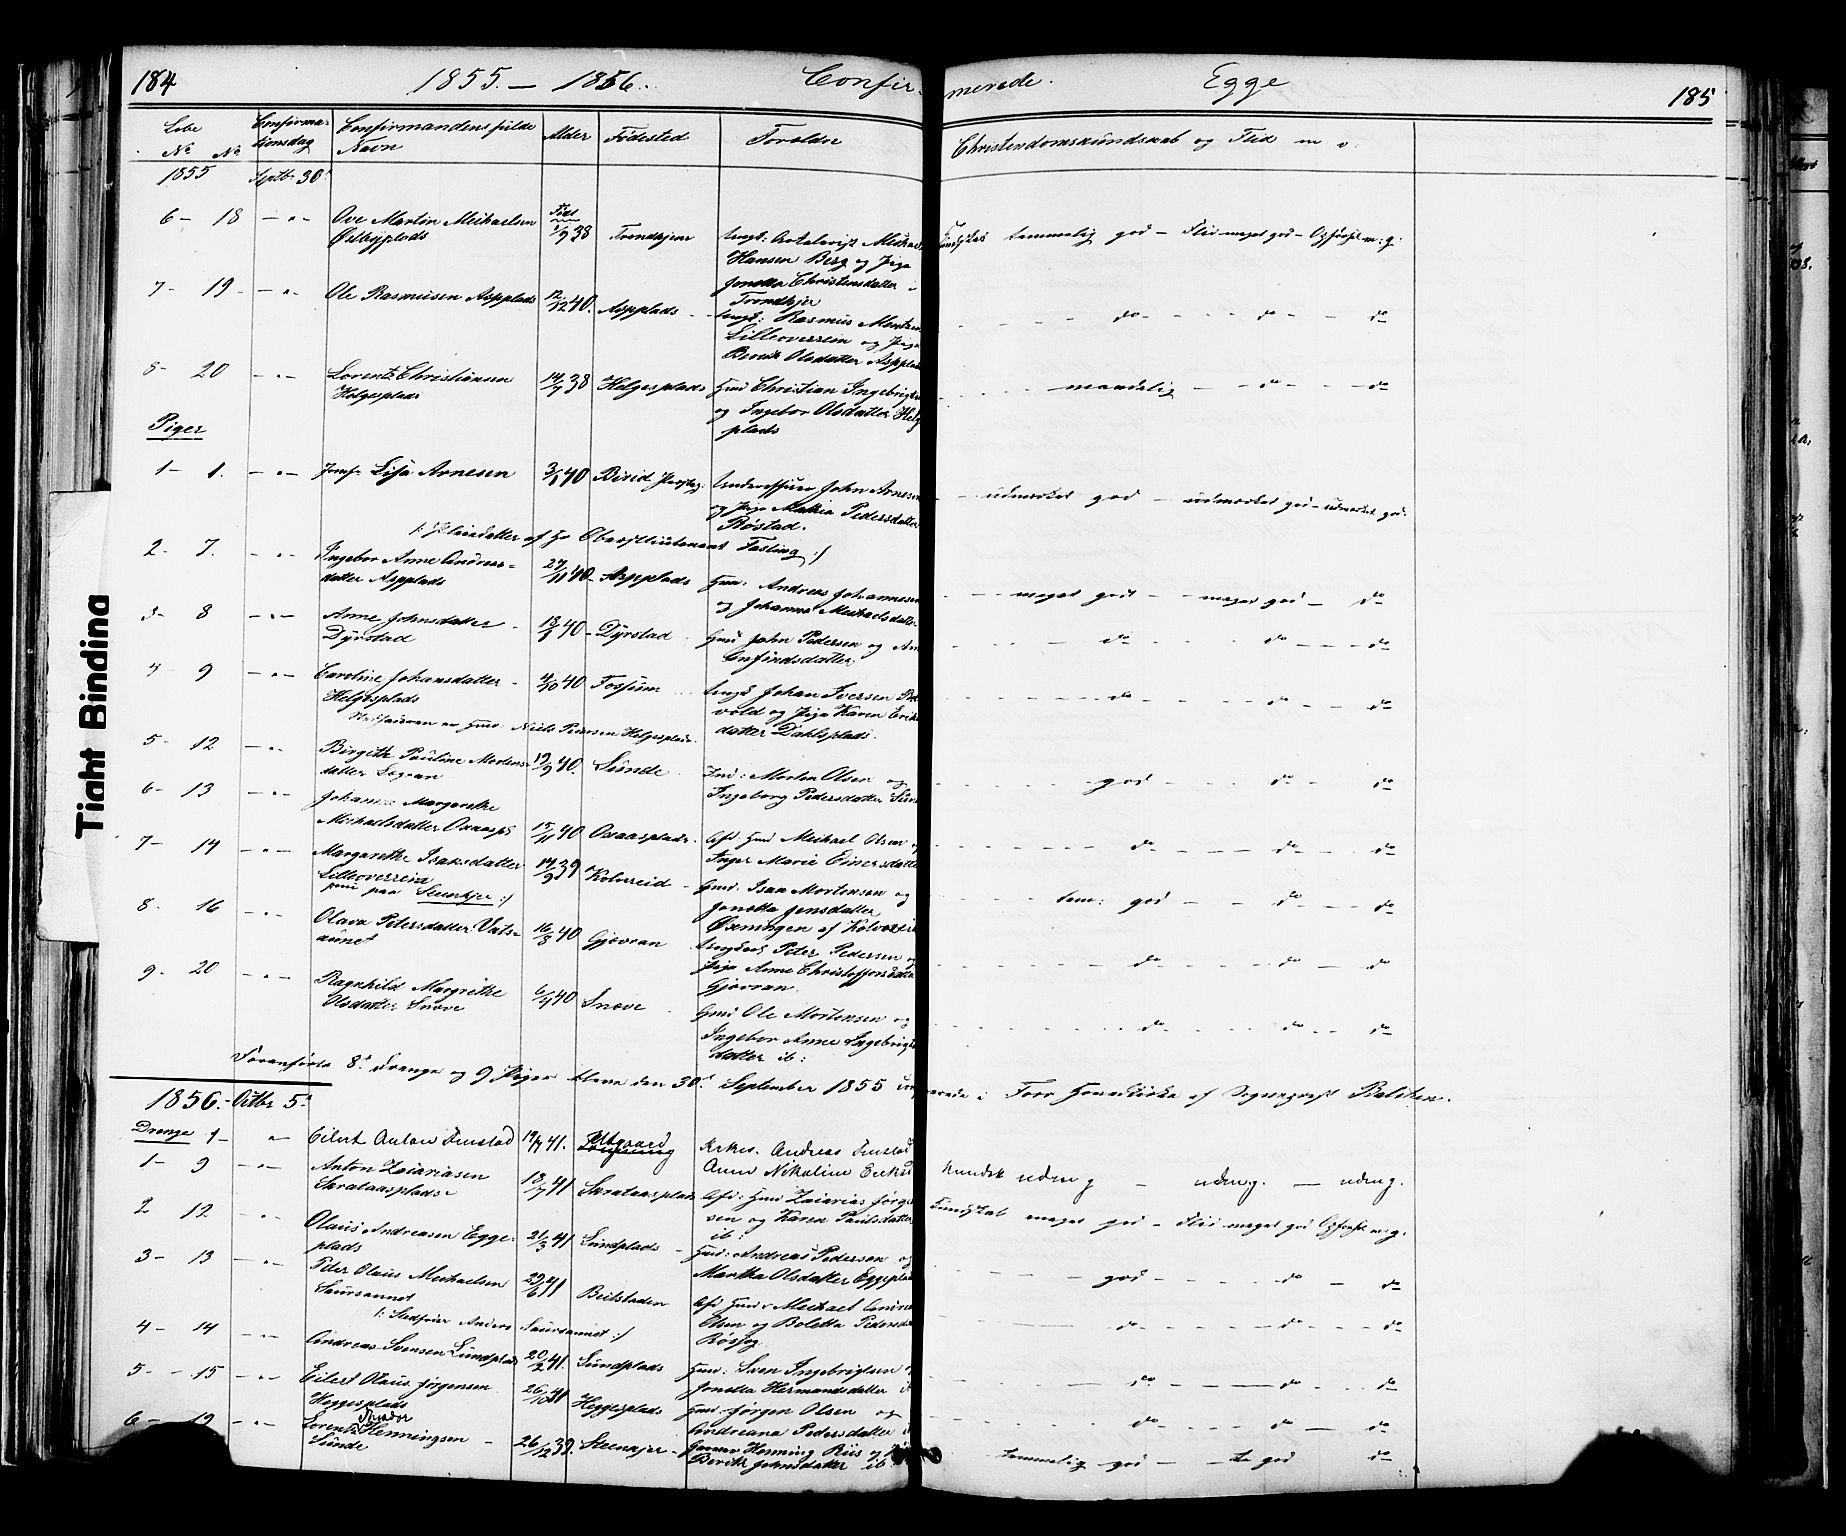 SAT, Ministerialprotokoller, klokkerbøker og fødselsregistre - Nord-Trøndelag, 739/L0367: Ministerialbok nr. 739A01 /3, 1838-1868, s. 184-185